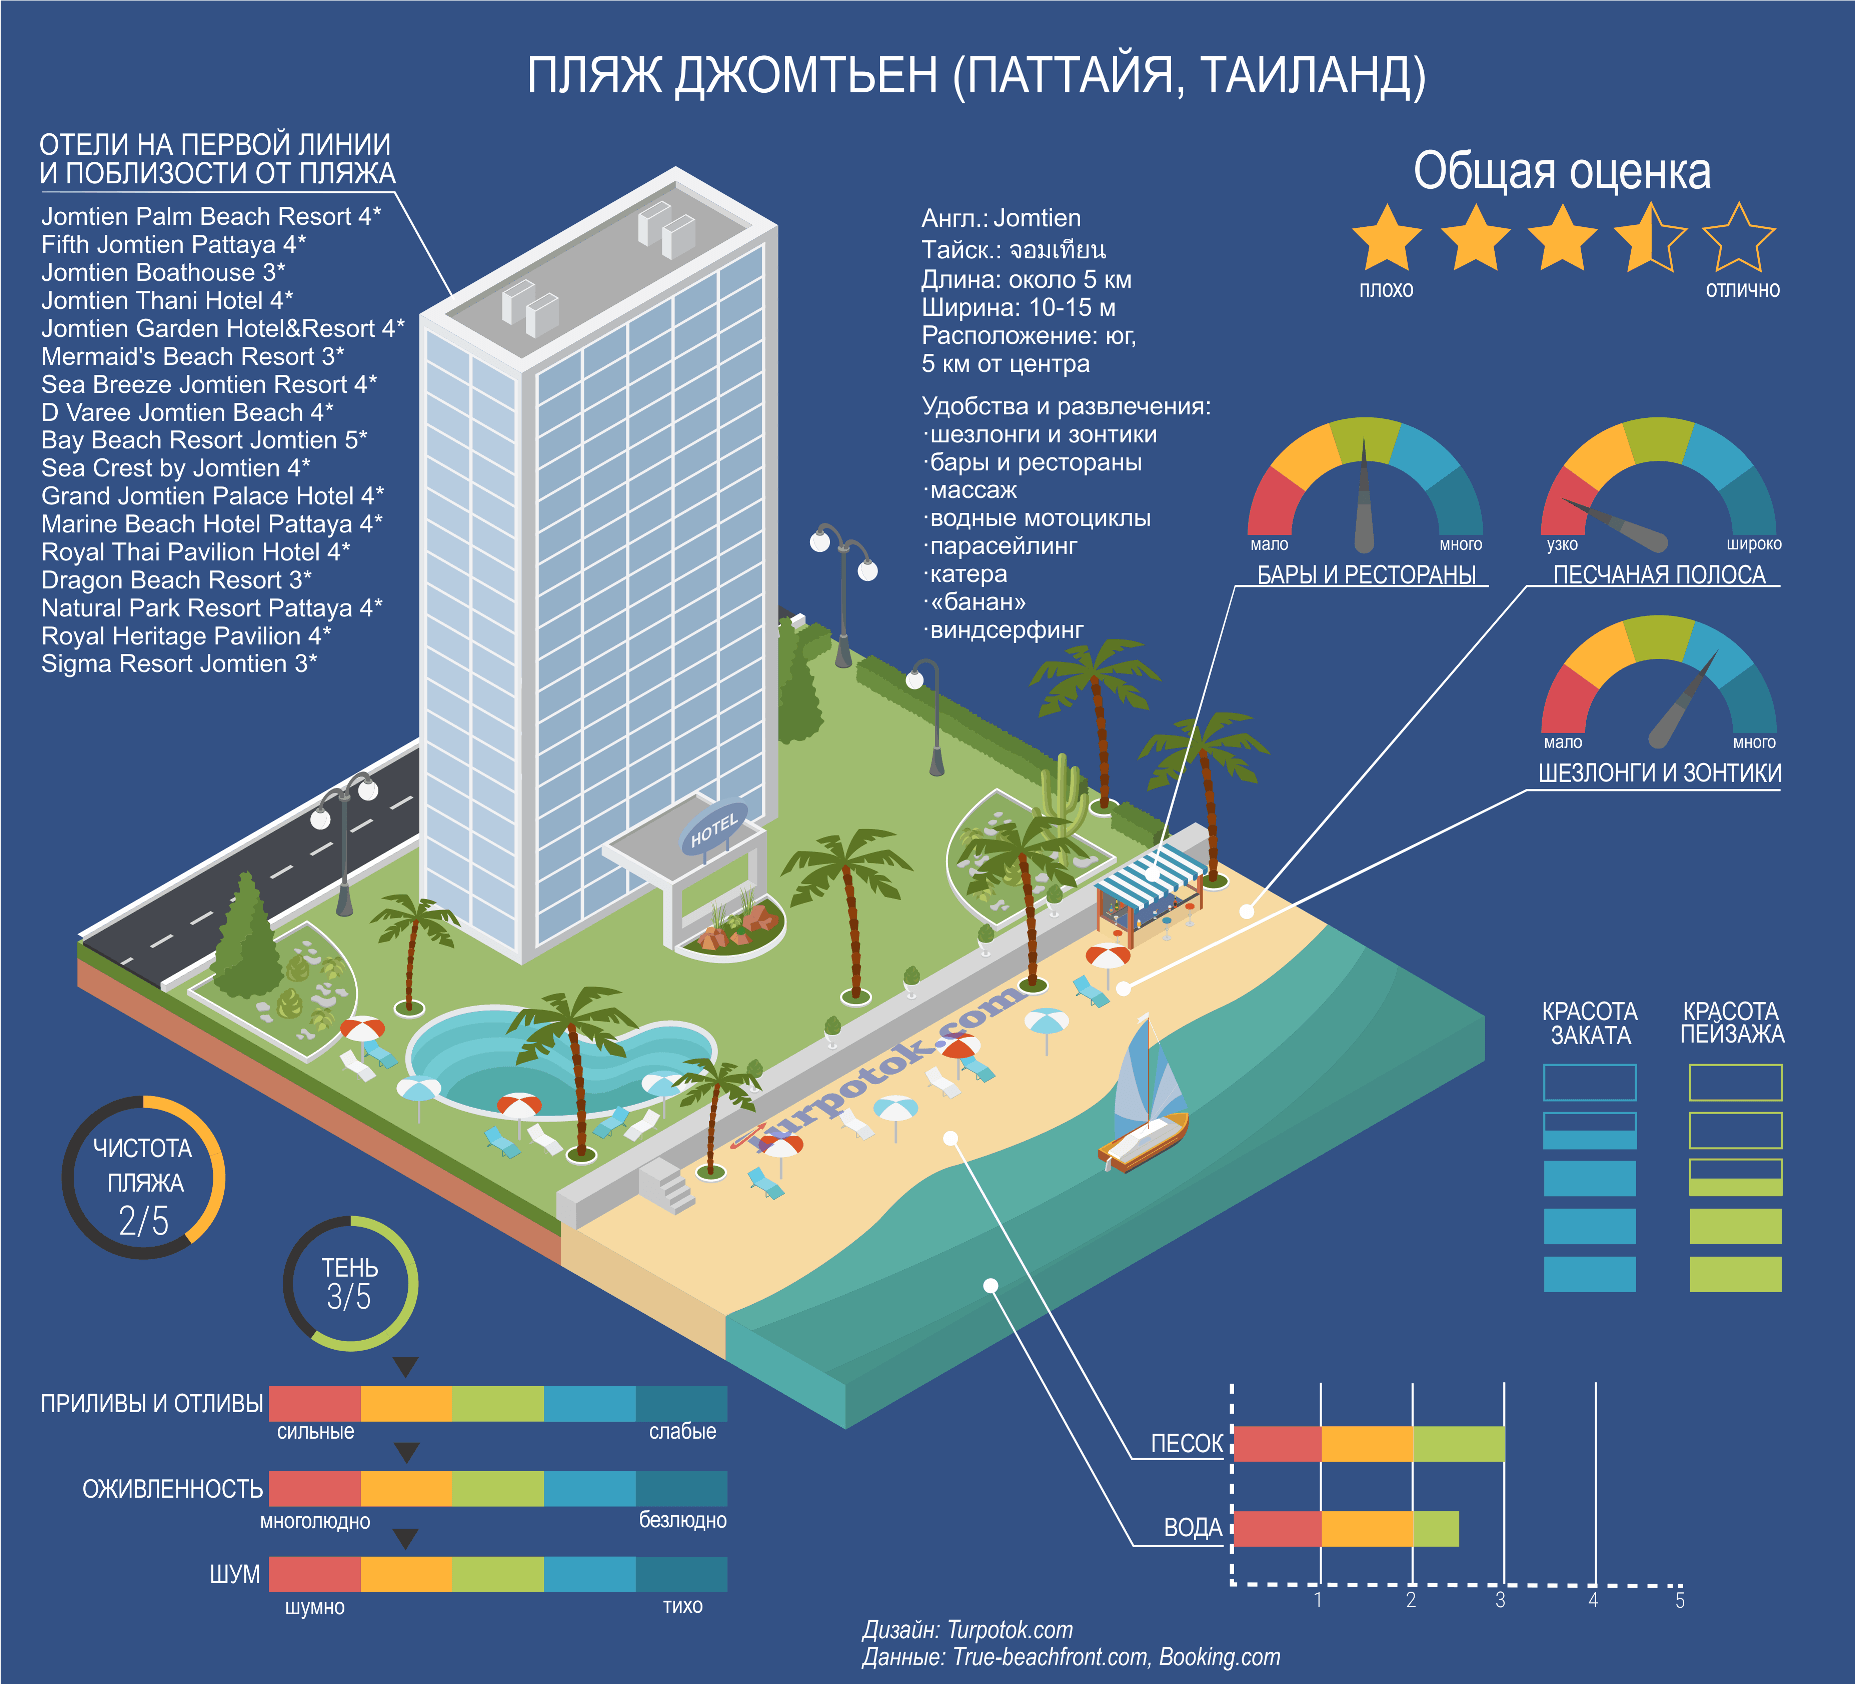 Изображение с инфографикой о пляже Джомтьен в Паттайе